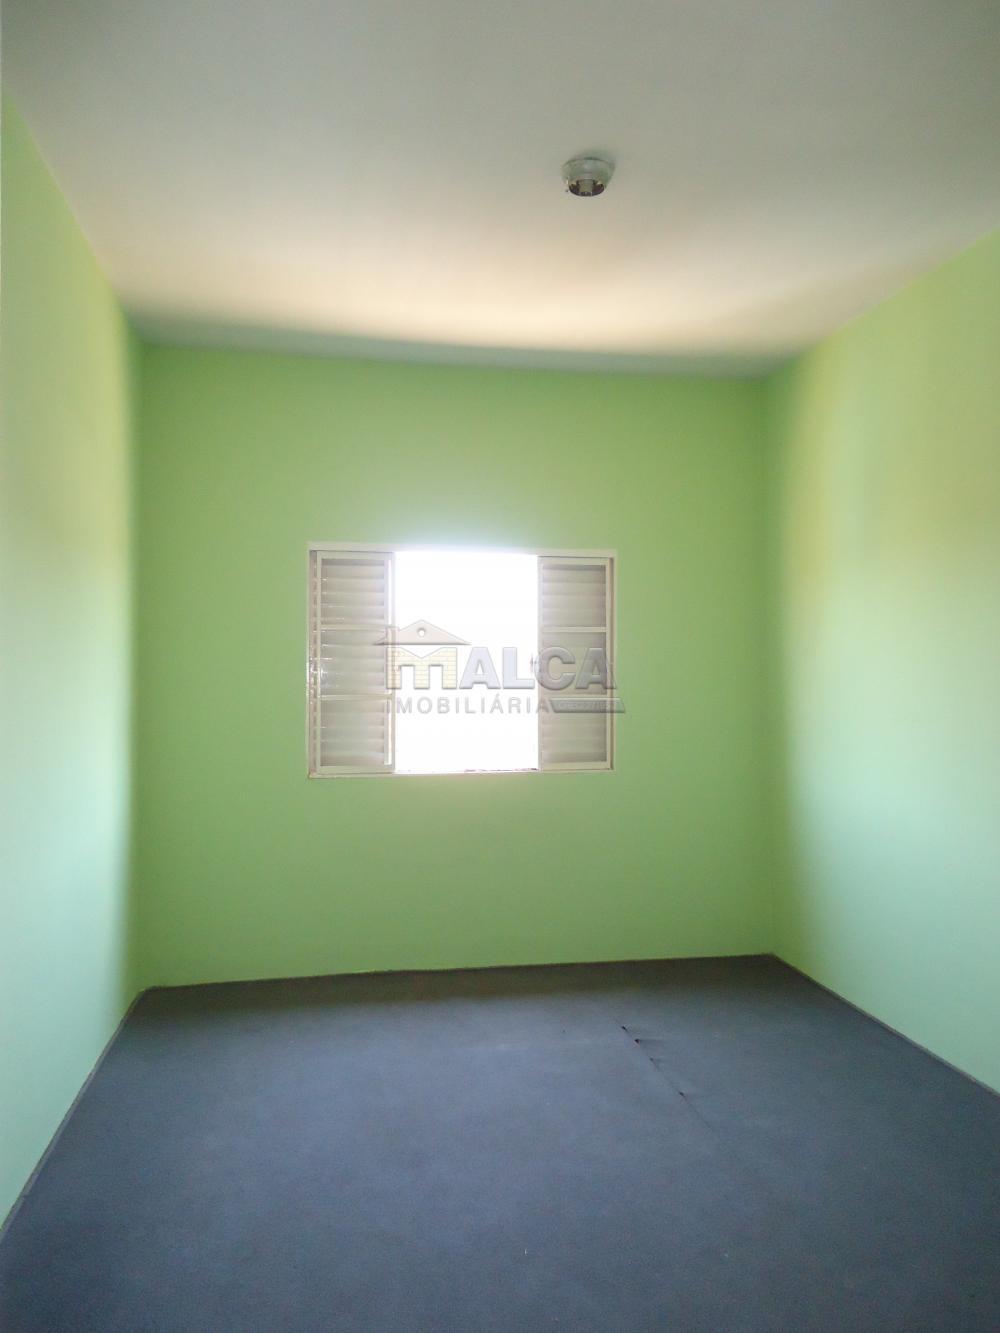 Alugar Casas / Padrão em São José do Rio Pardo apenas R$ 790,00 - Foto 9